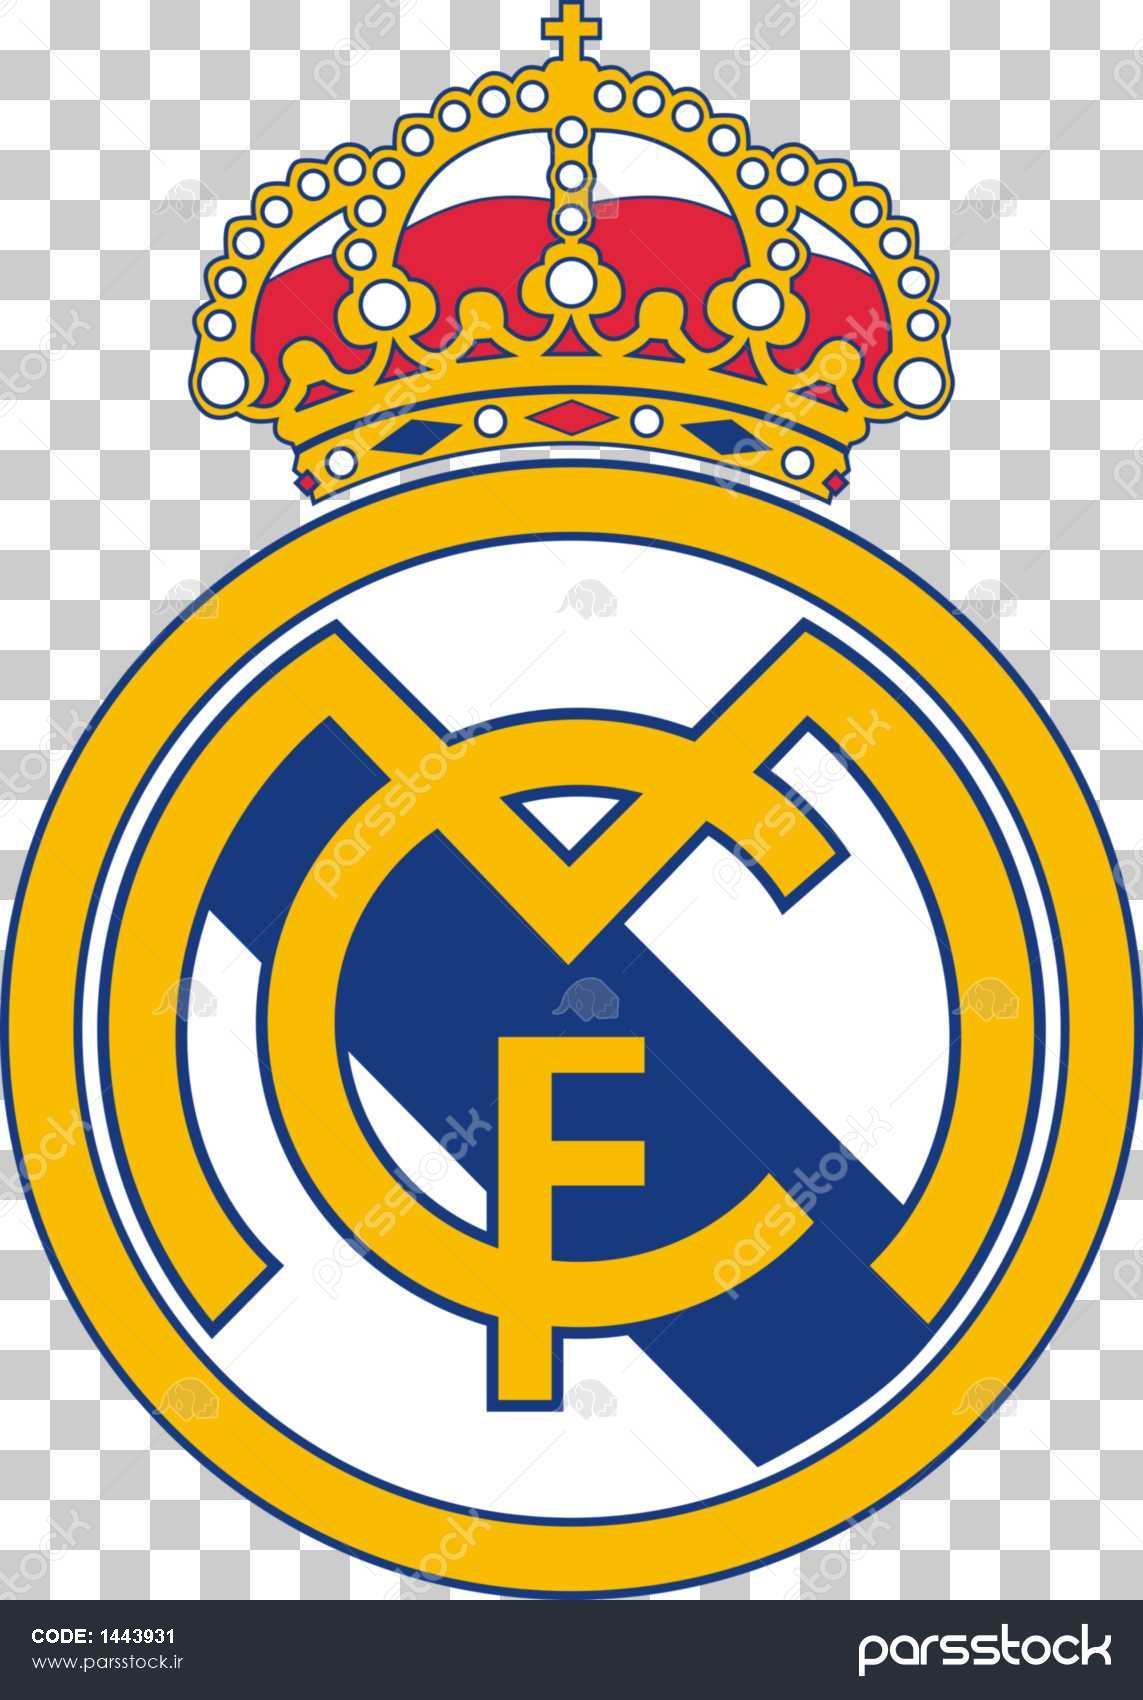 لوگو رئال مادرید دریم لیگ